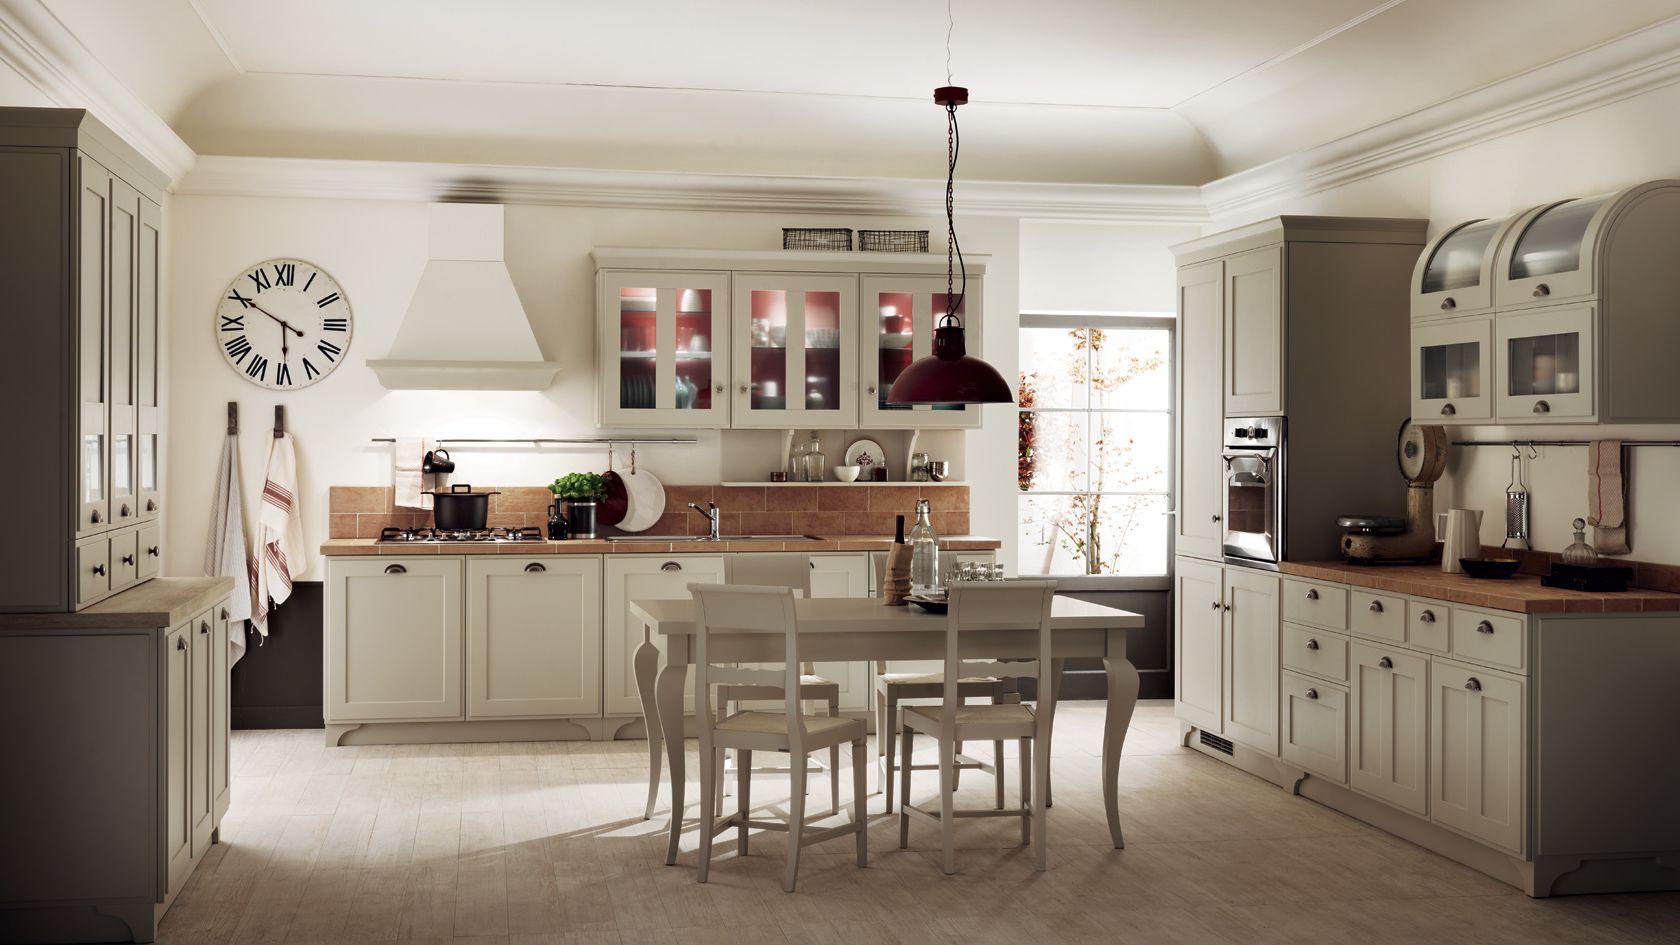 Shabby chic in cucina con Favilla la nuova cucina Scavolini ...